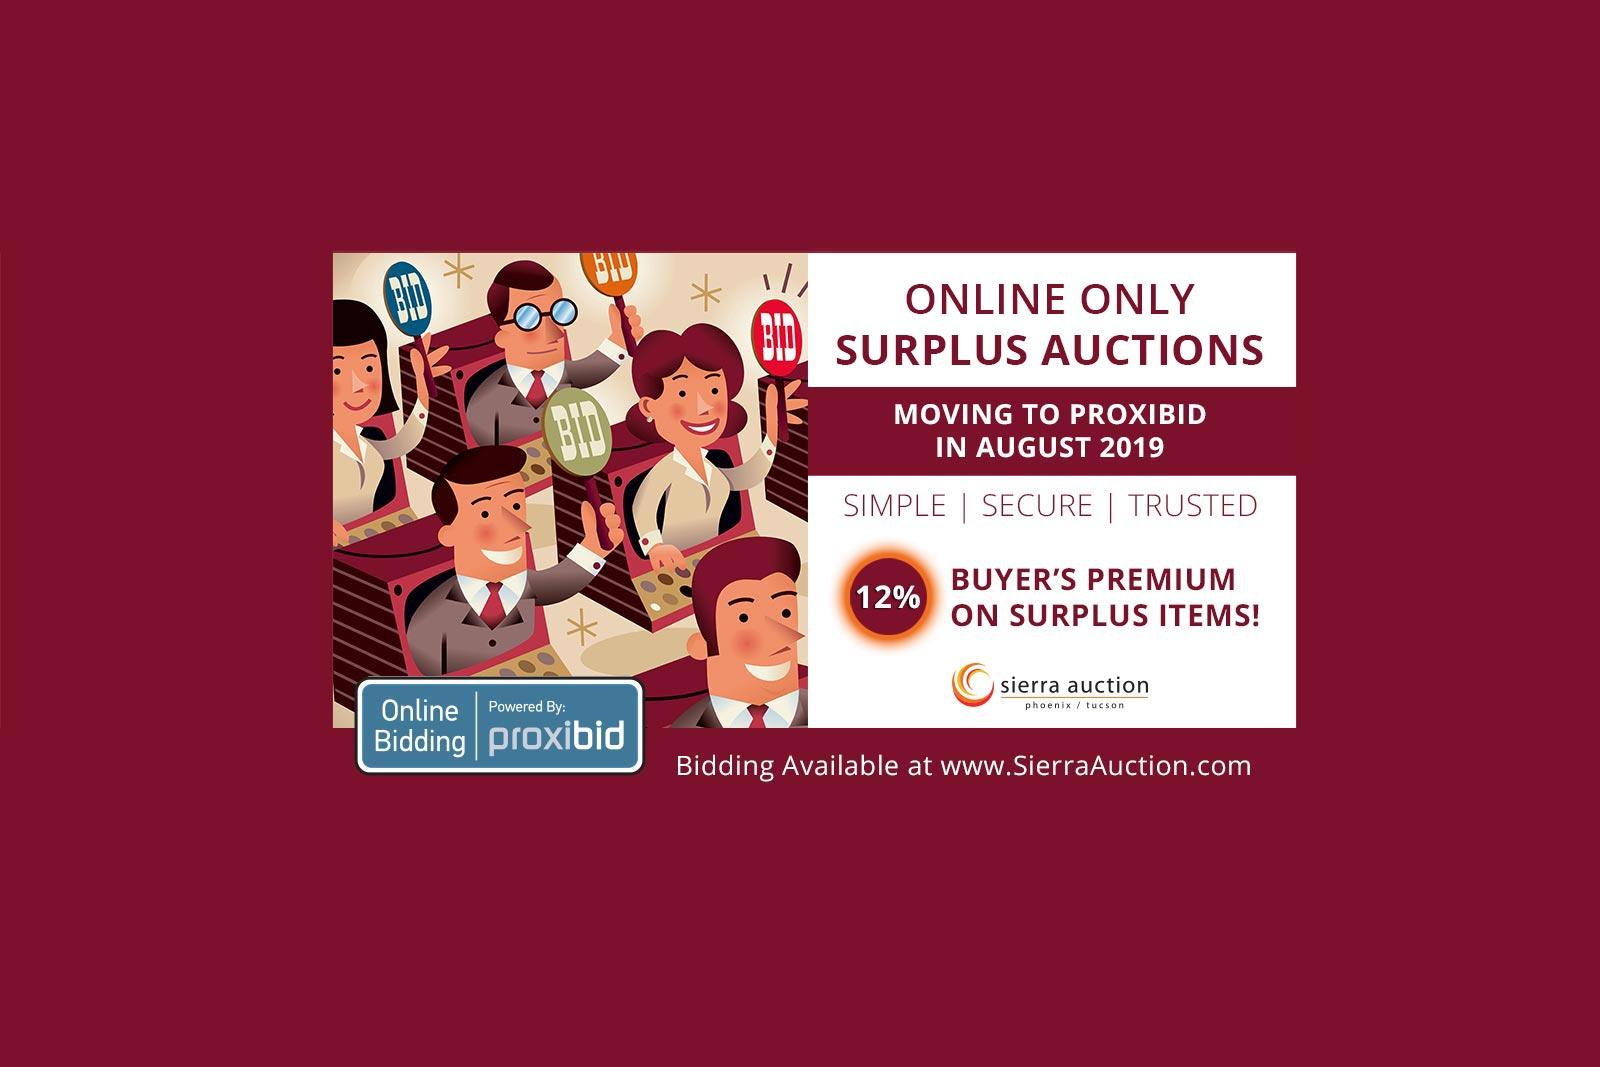 Sierra Auction - Arizona's Largest Public Auction